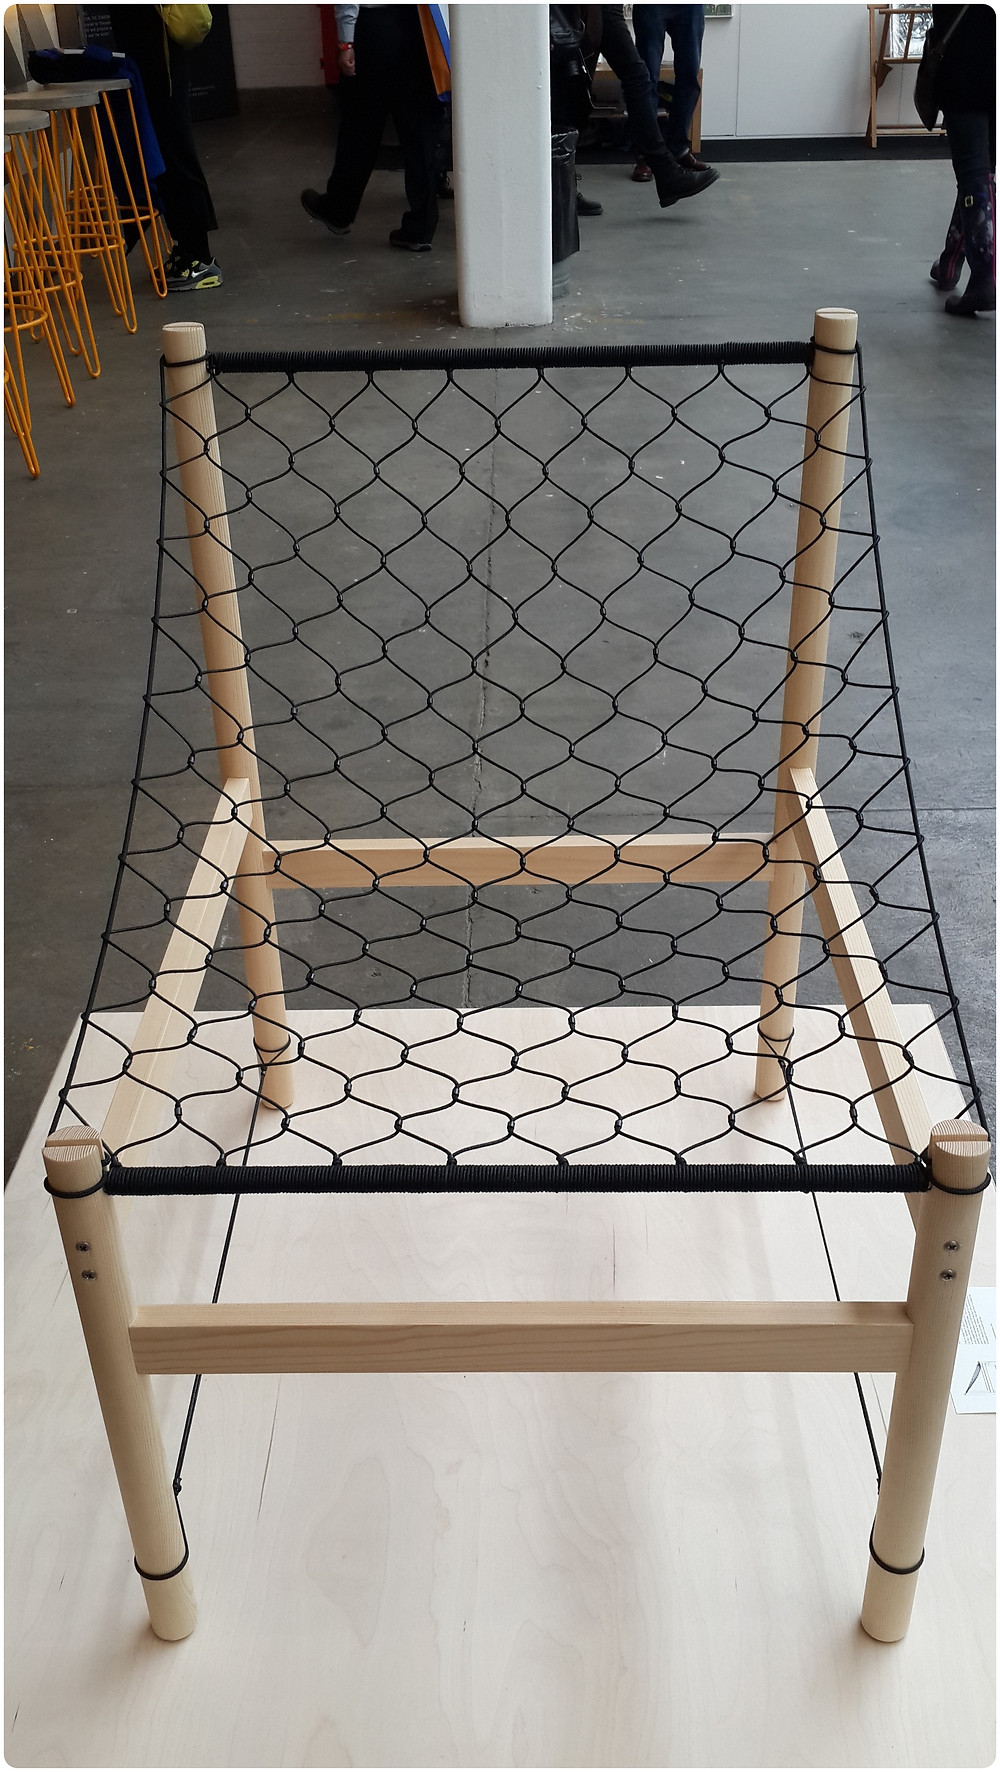 כסא בתערוכה בלונדון צילום ועריכה: רויטל רודצקי עיצוב פנים והום סטיילינג